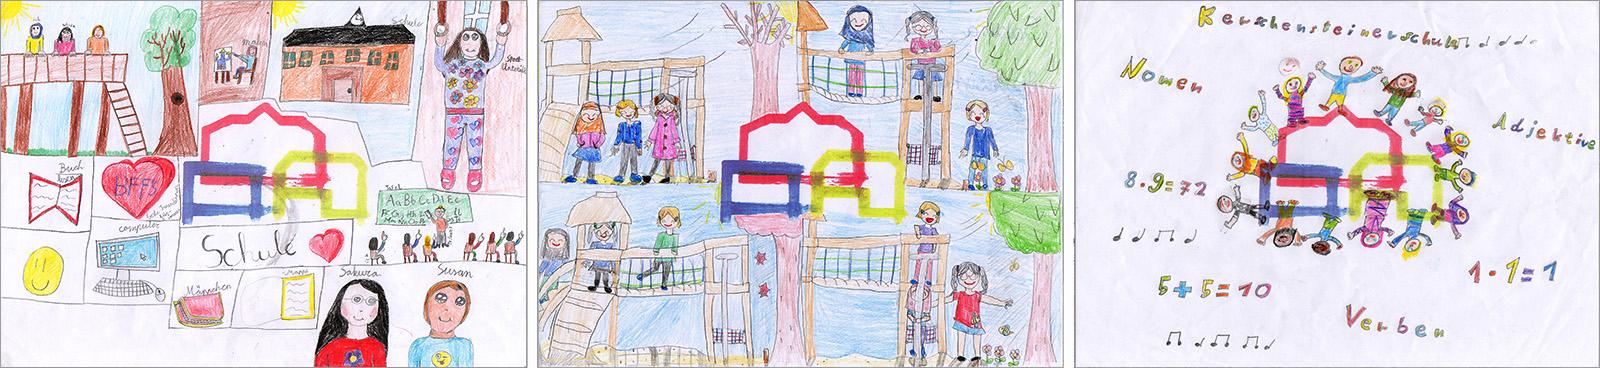 Gemälde Schüler Kerschensteinerschule Hausen